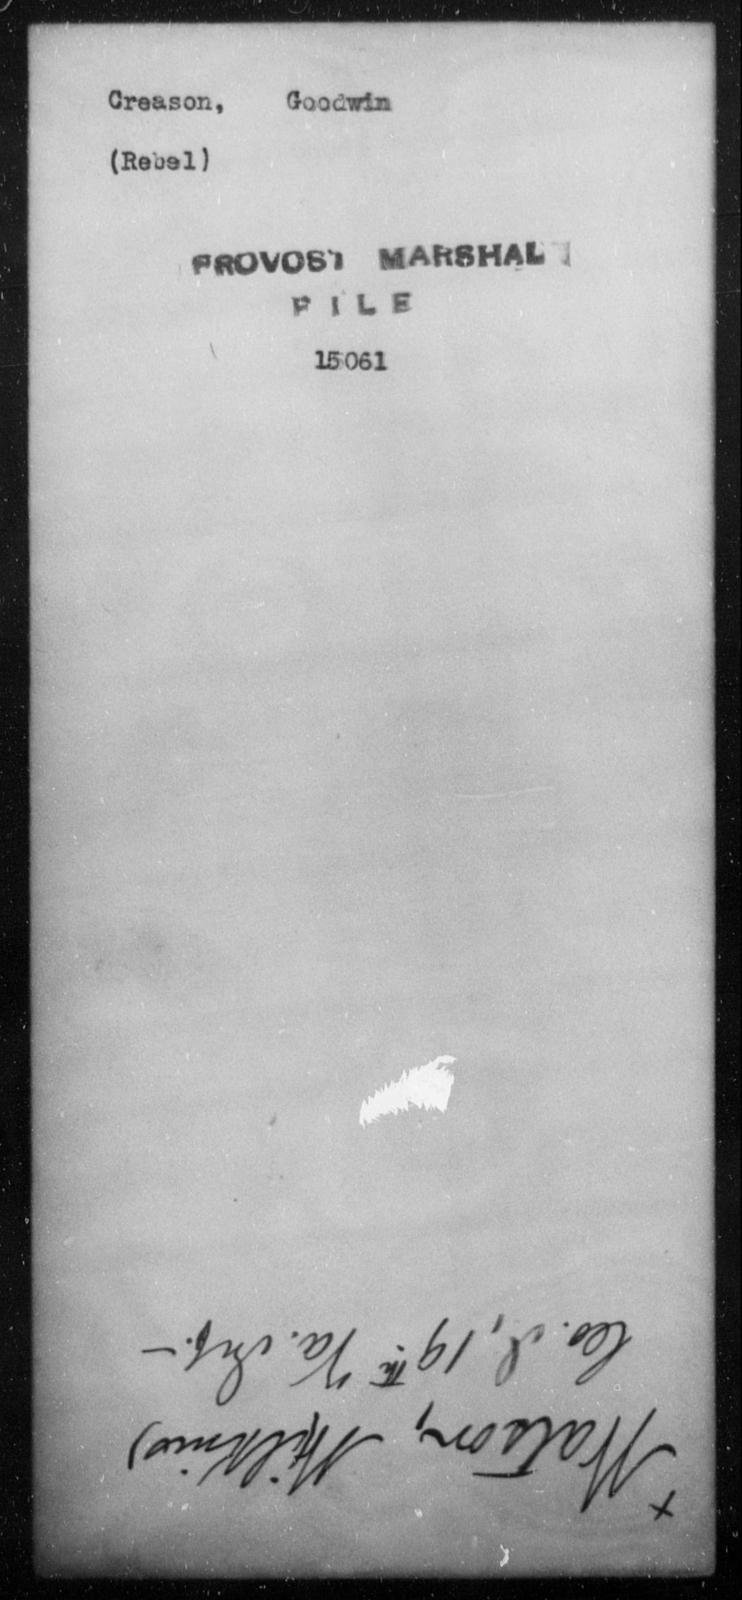 Creason, Goodwin - State: [Blank] - Year: [Blank]